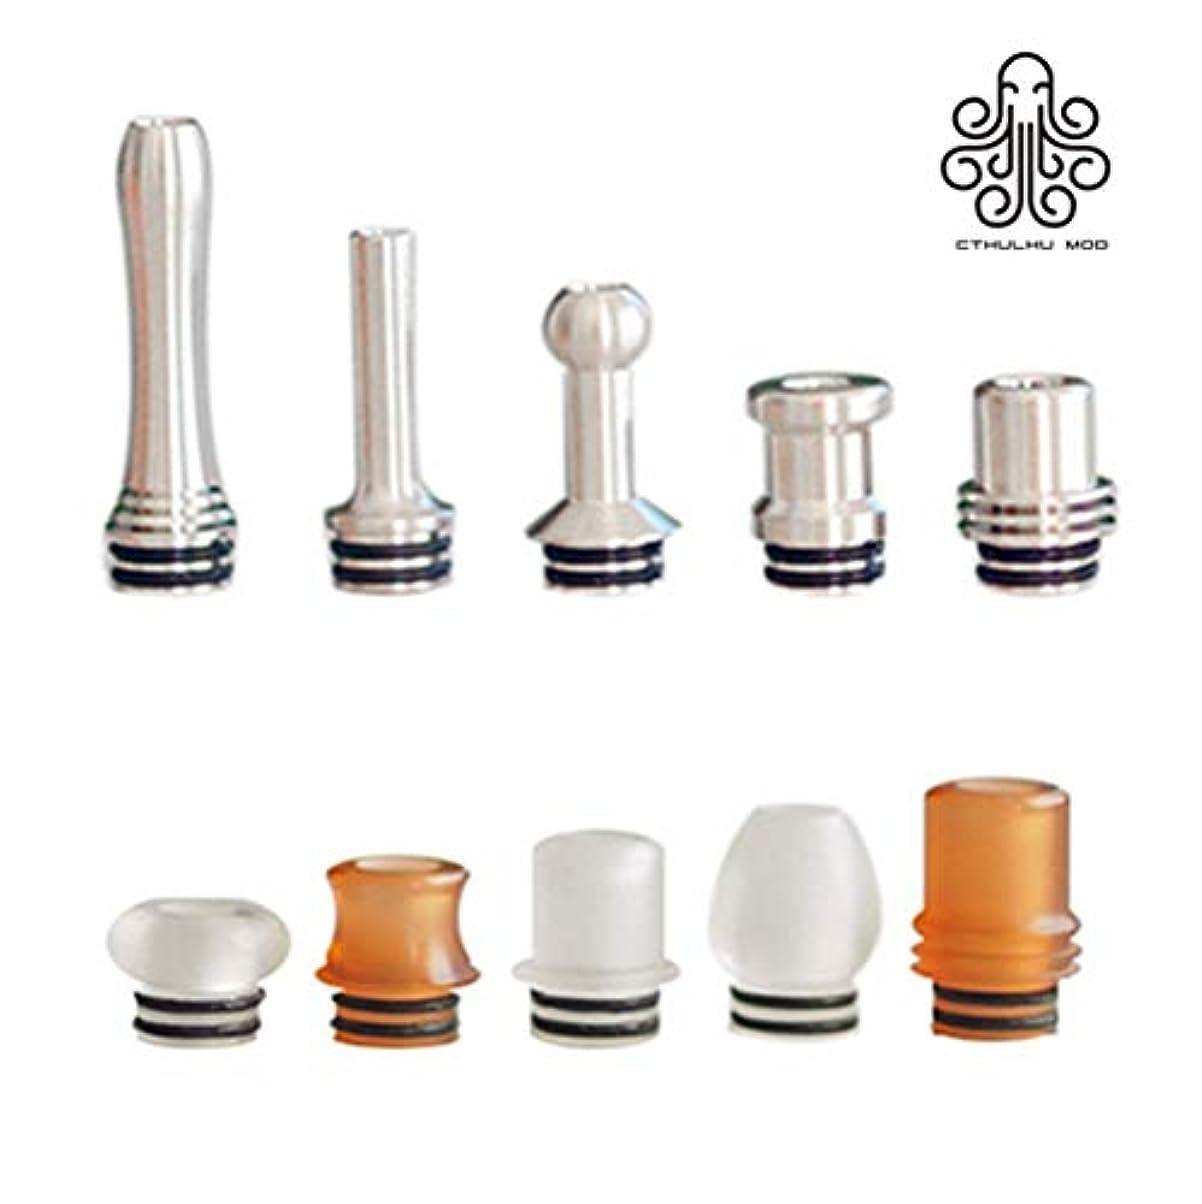 合併症アーチ髄Cthulhu Furai 510 Drip Tip Set 10pcs (クトゥルフ ドリップチップセット フーライ) (Stainless Set)